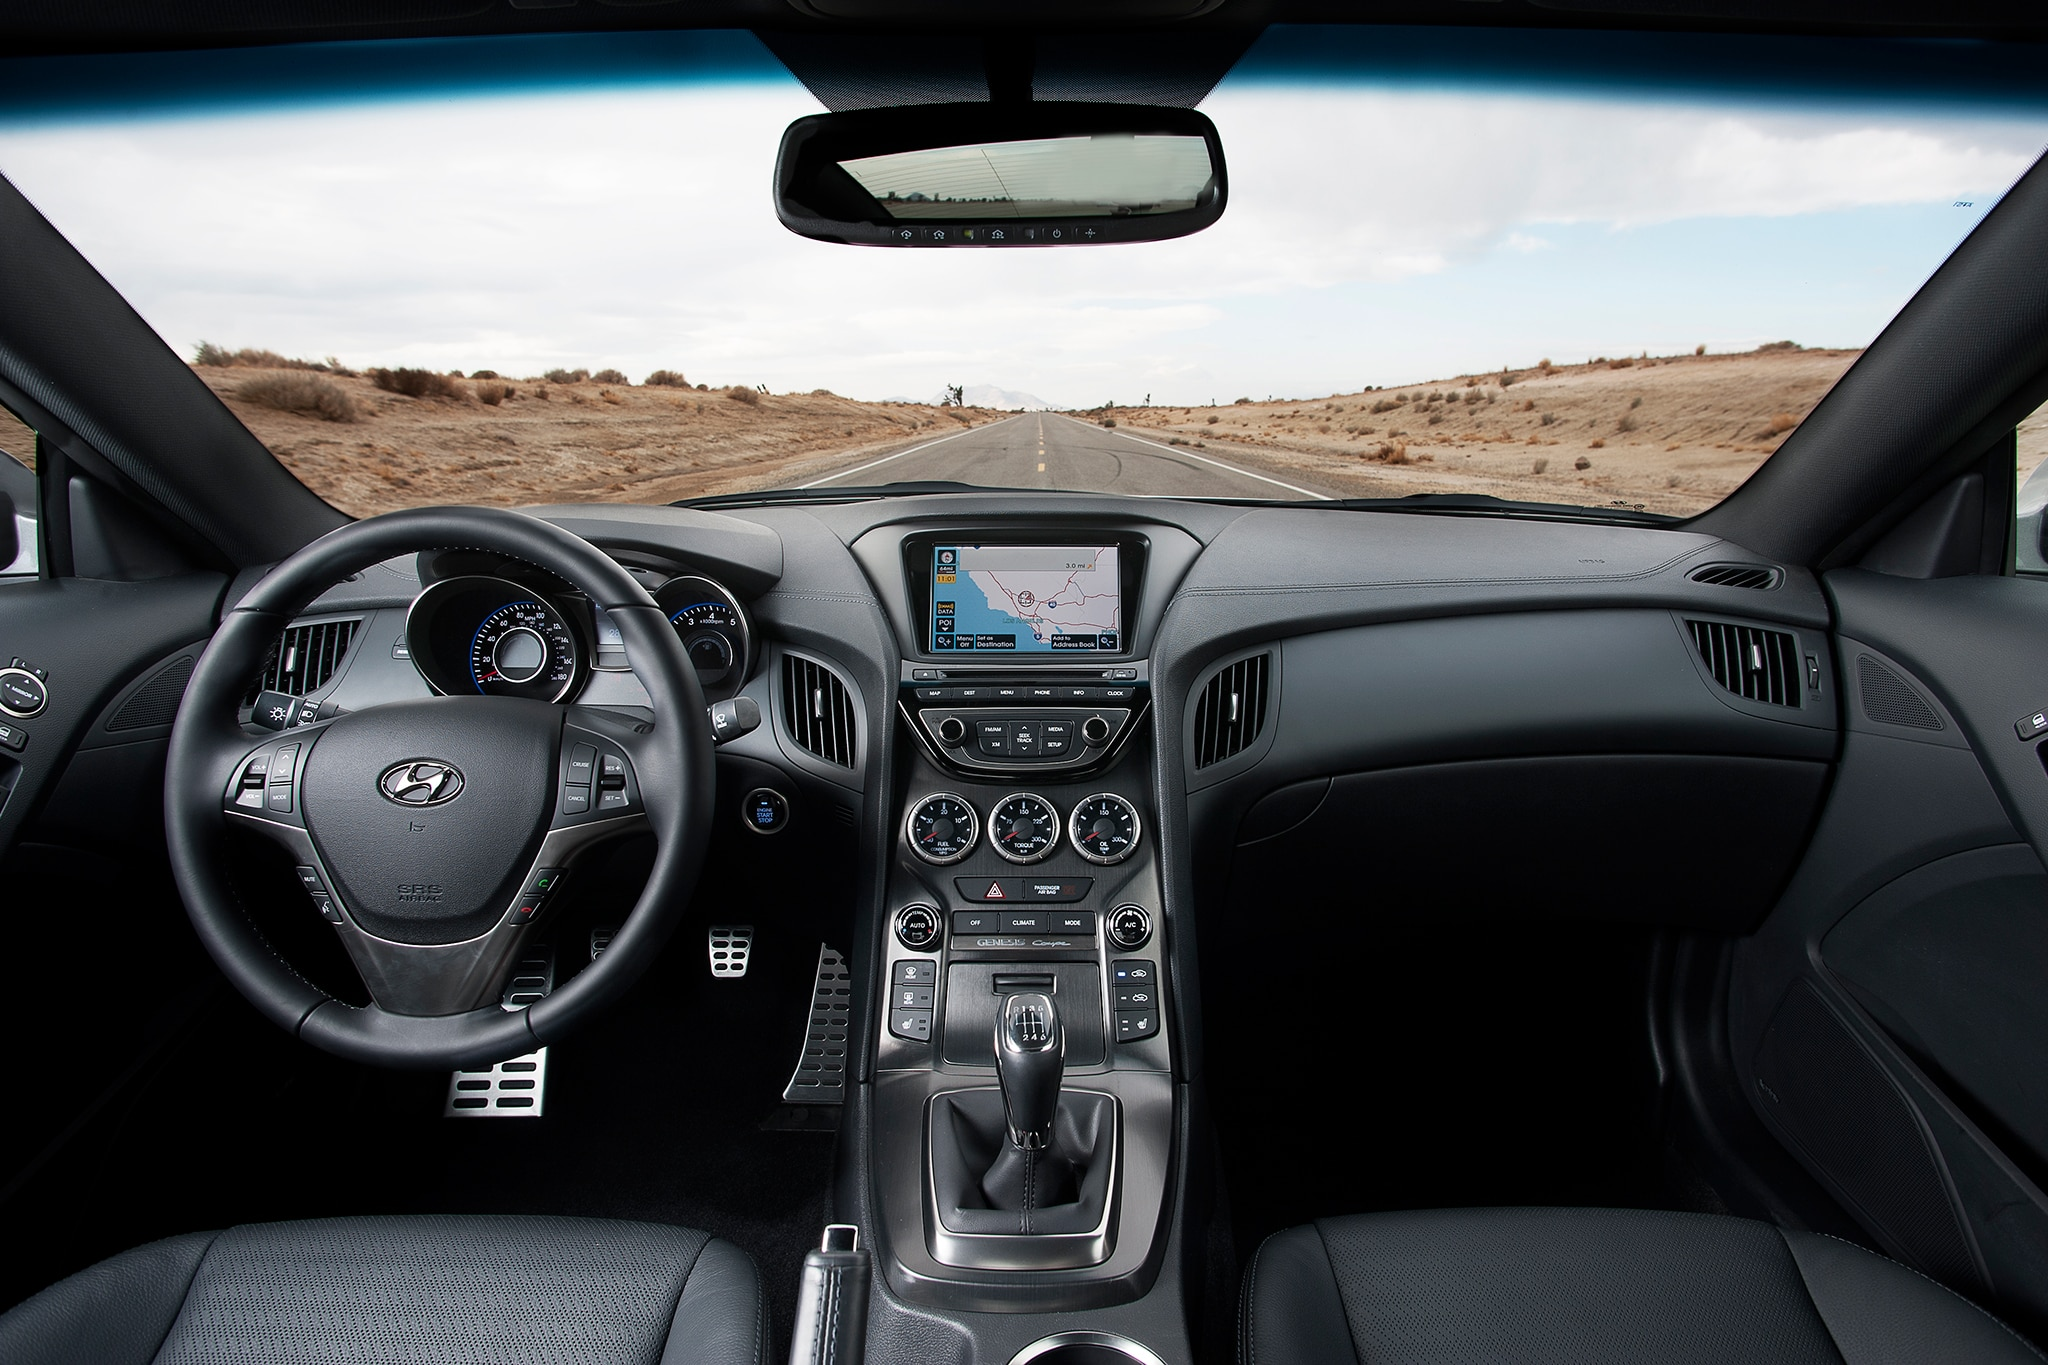 2013 Hyundai Genesis Coupe For Sale >> 2014 Hyundai Genesis Coupe Priced at $27,245 - Automobile Magazine